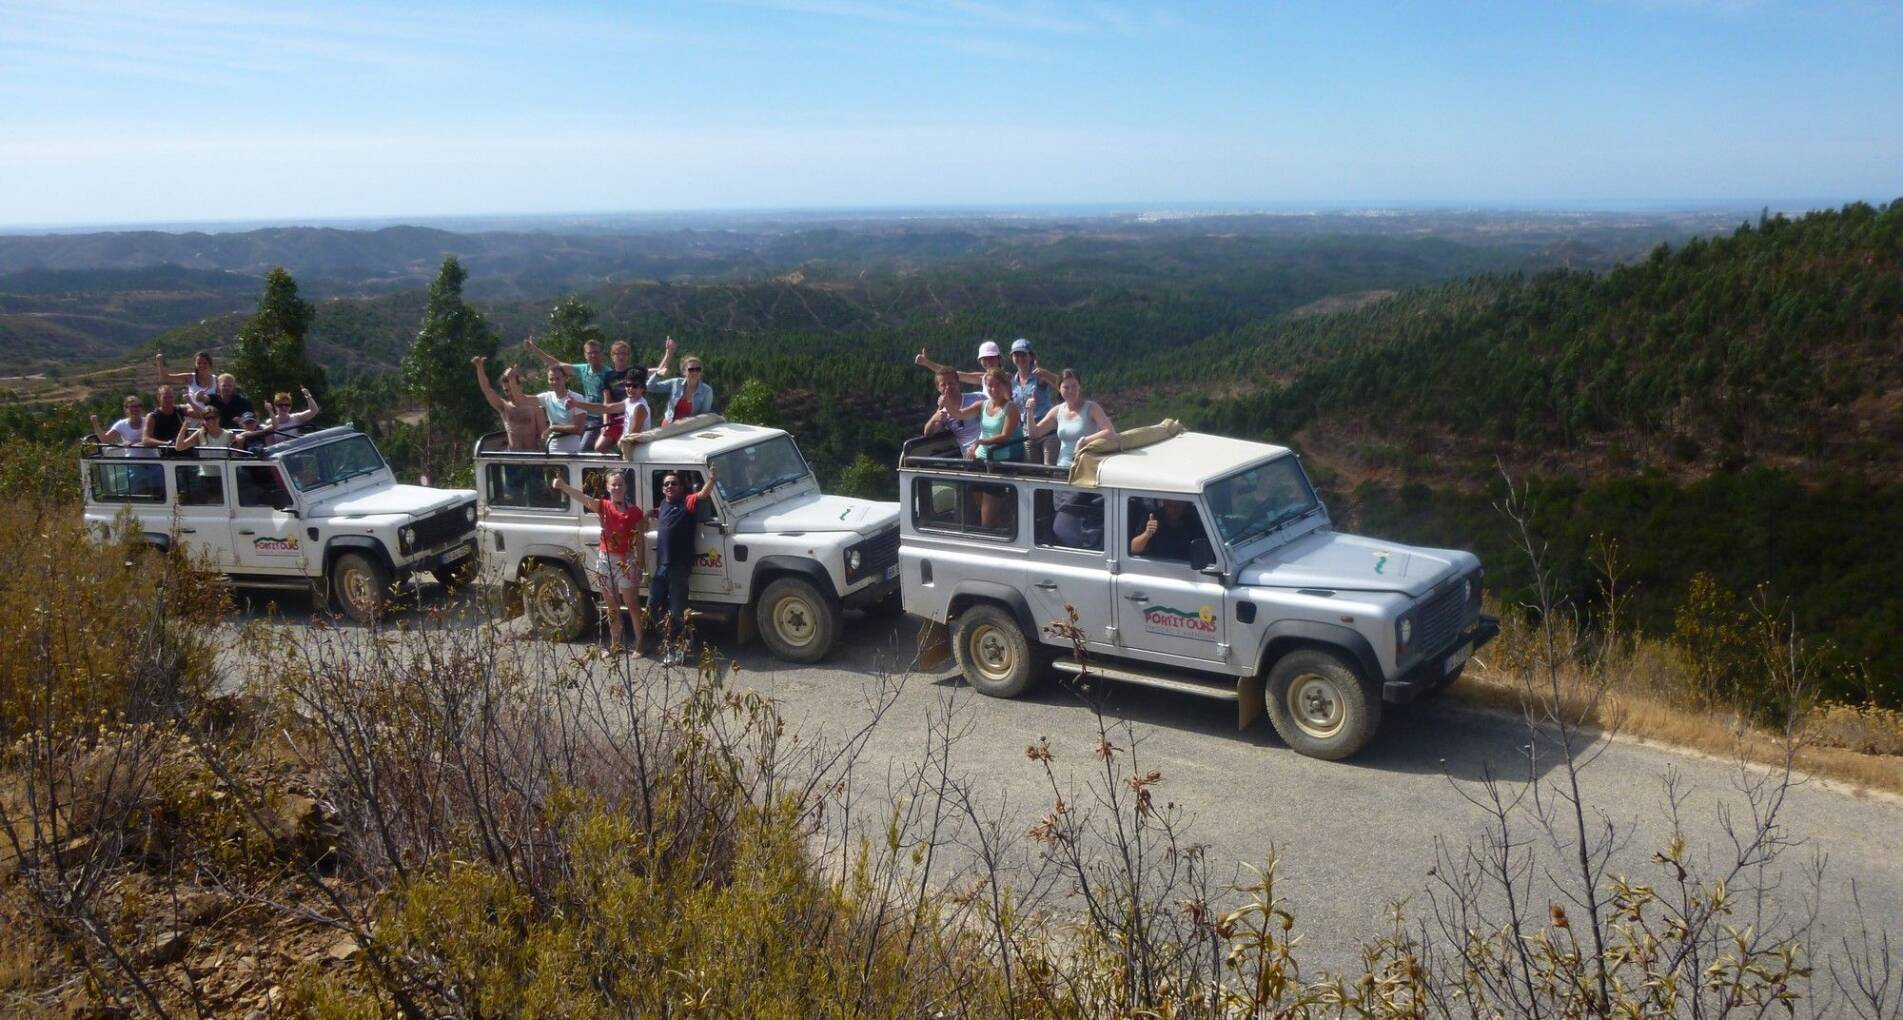 Jeep Adventure in de herfstvakantie: van Athene naar Zakynthos - Griekenland - 1